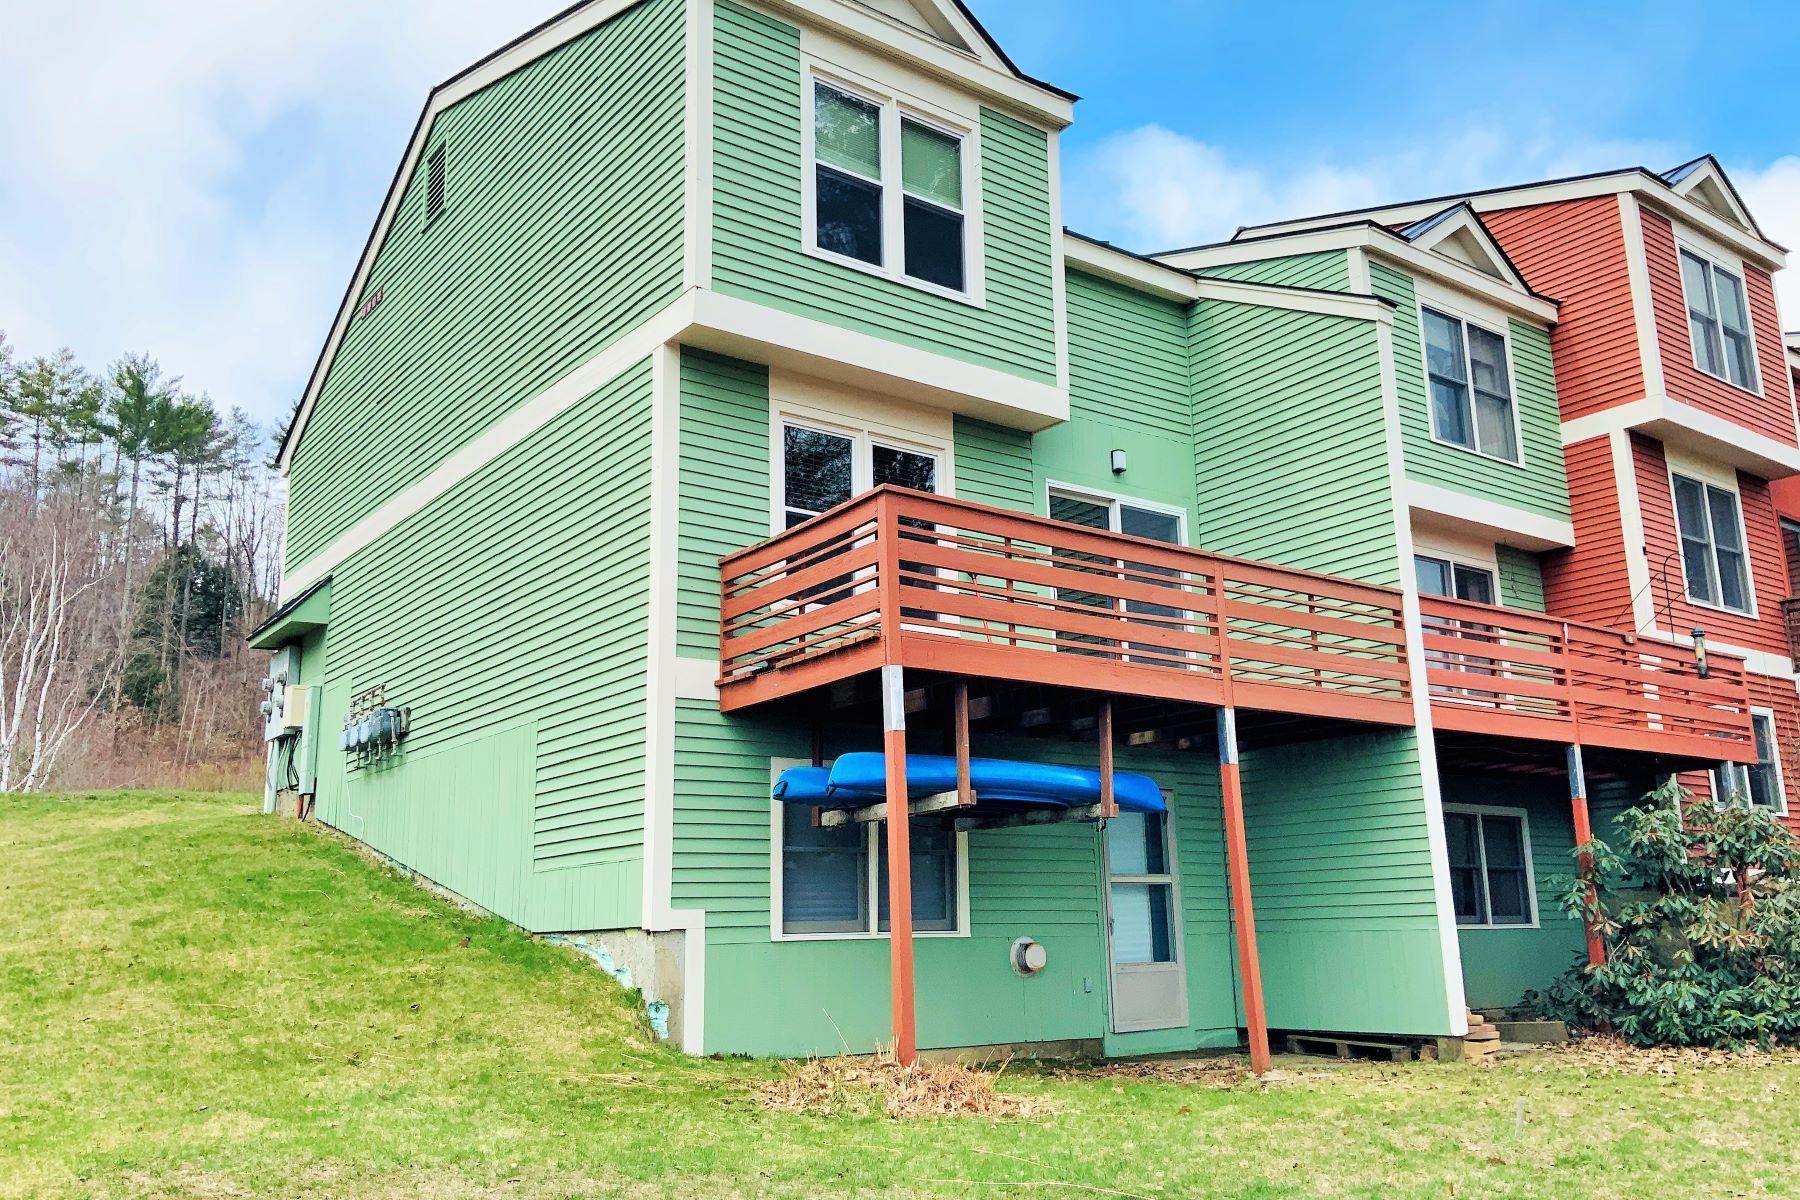 Condominiums 为 销售 在 13 Rocky Hill Way 224 恩菲尔德, 新罕布什尔州 03748 美国